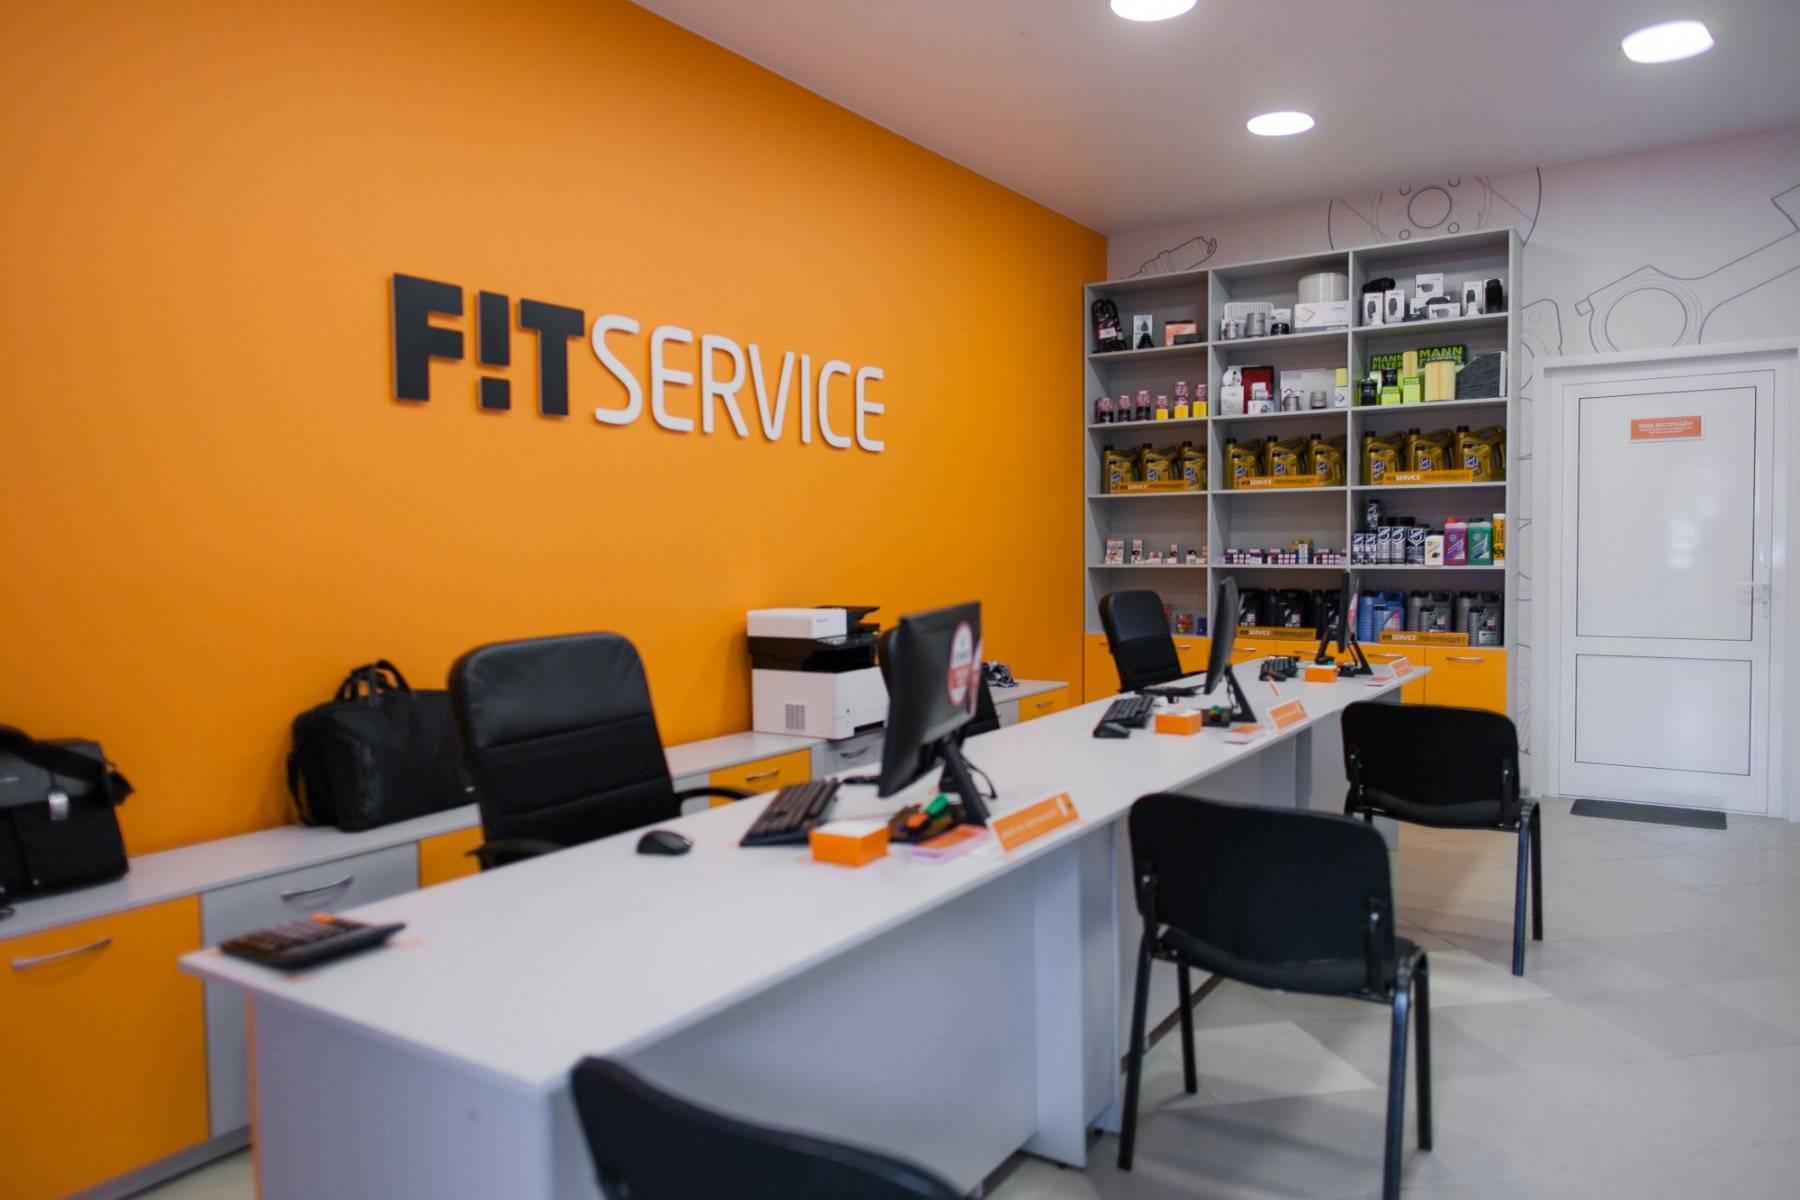 Франшиза Фит Сервис - Отзывы, условия, цена